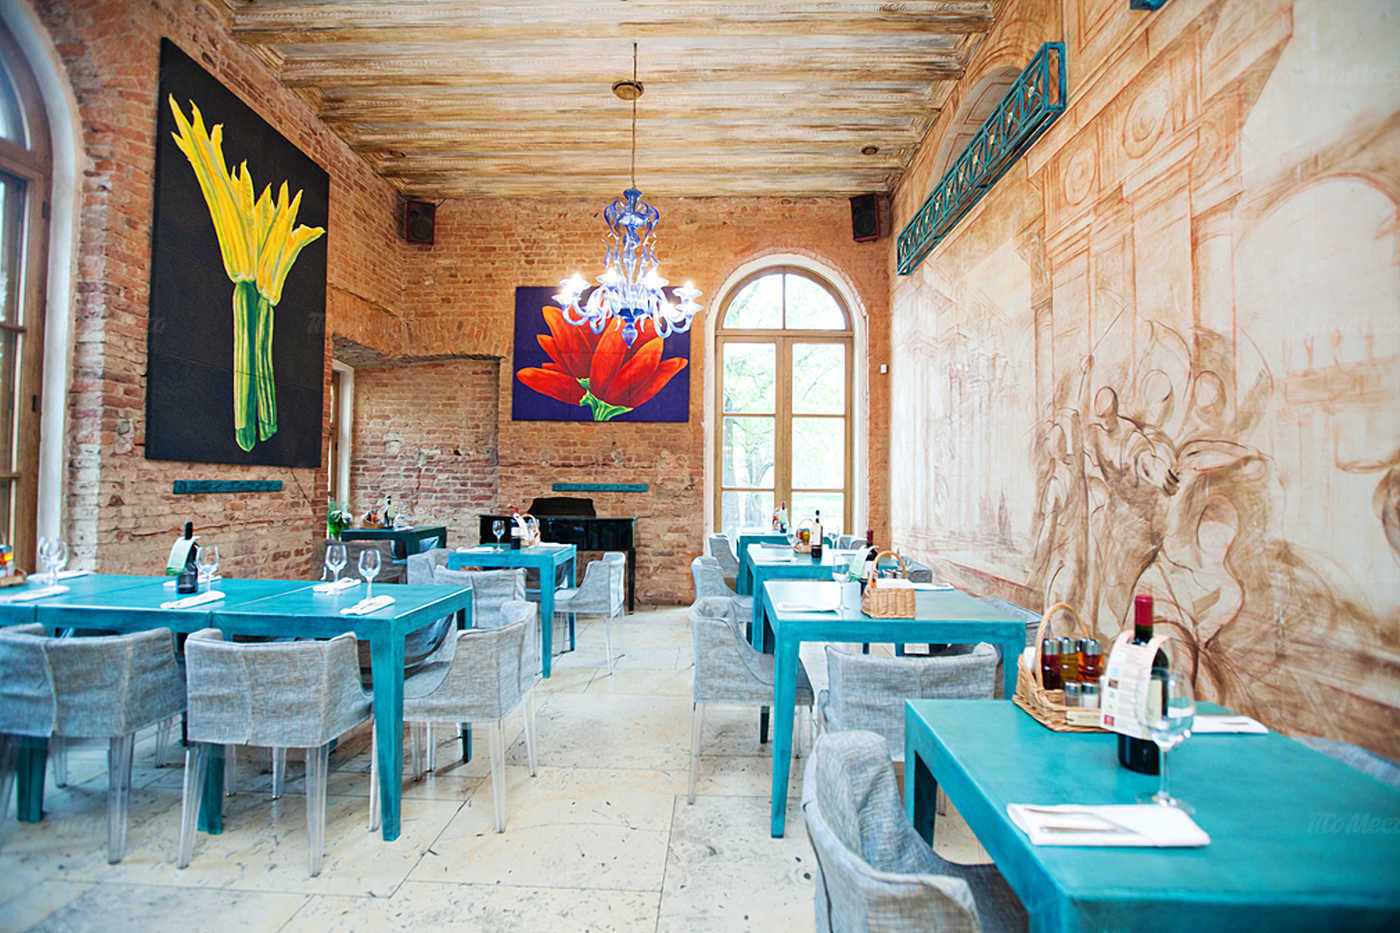 Ресторан Мама Рома (Mama Roma) на набережной реки Фонтанки фото 4